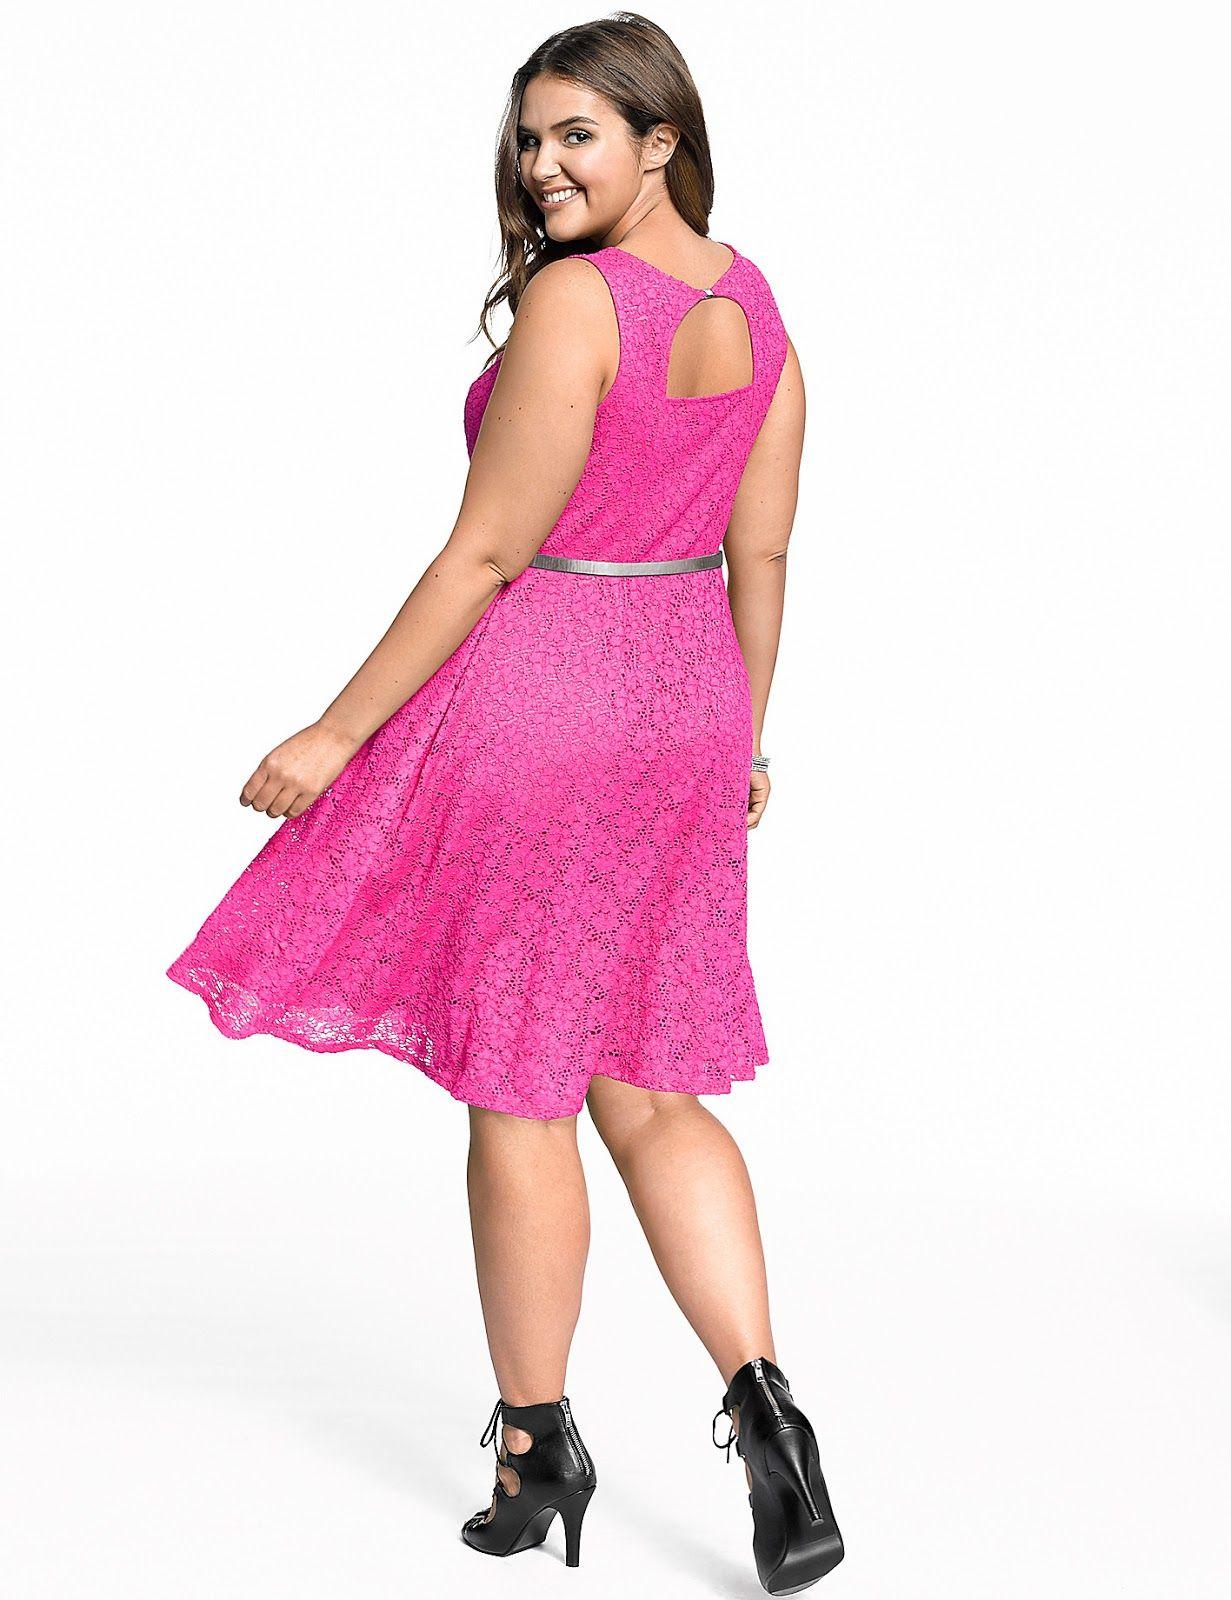 Especial vestidos para mujeres gorditas | Fiestas | Pinterest ...